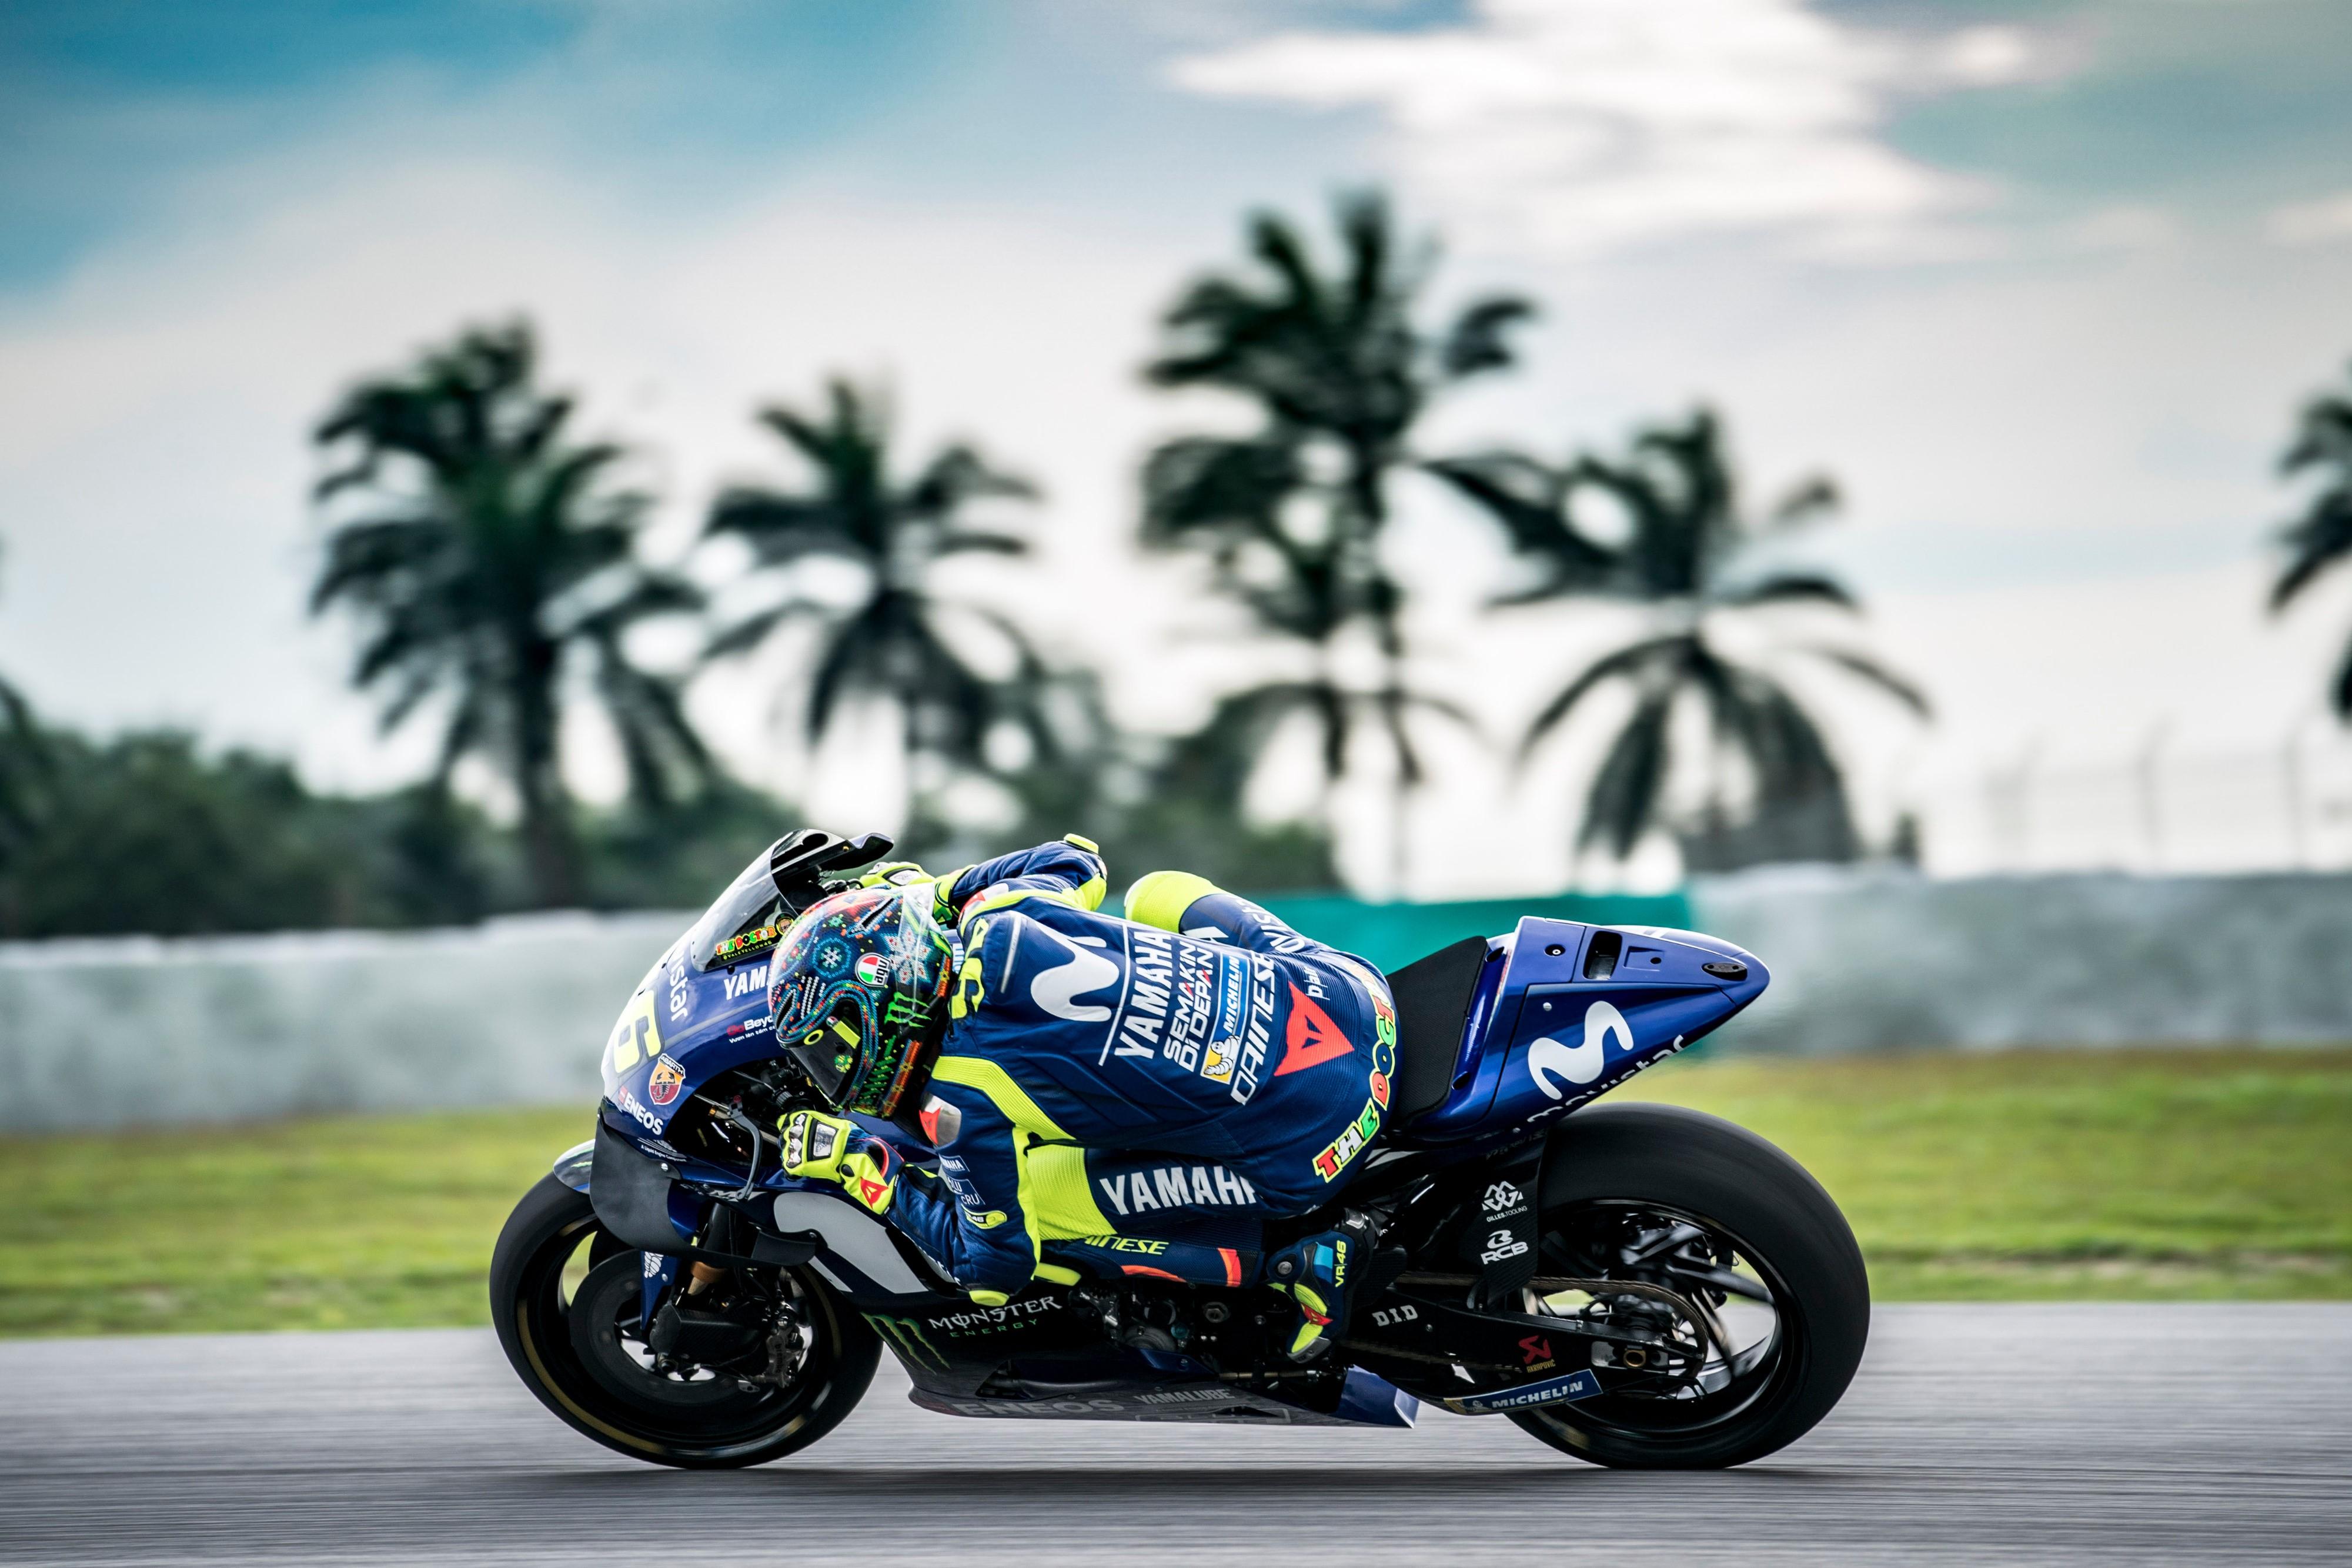 Valentino Rossi (Yamaha Factory) - Test Sepang 2018